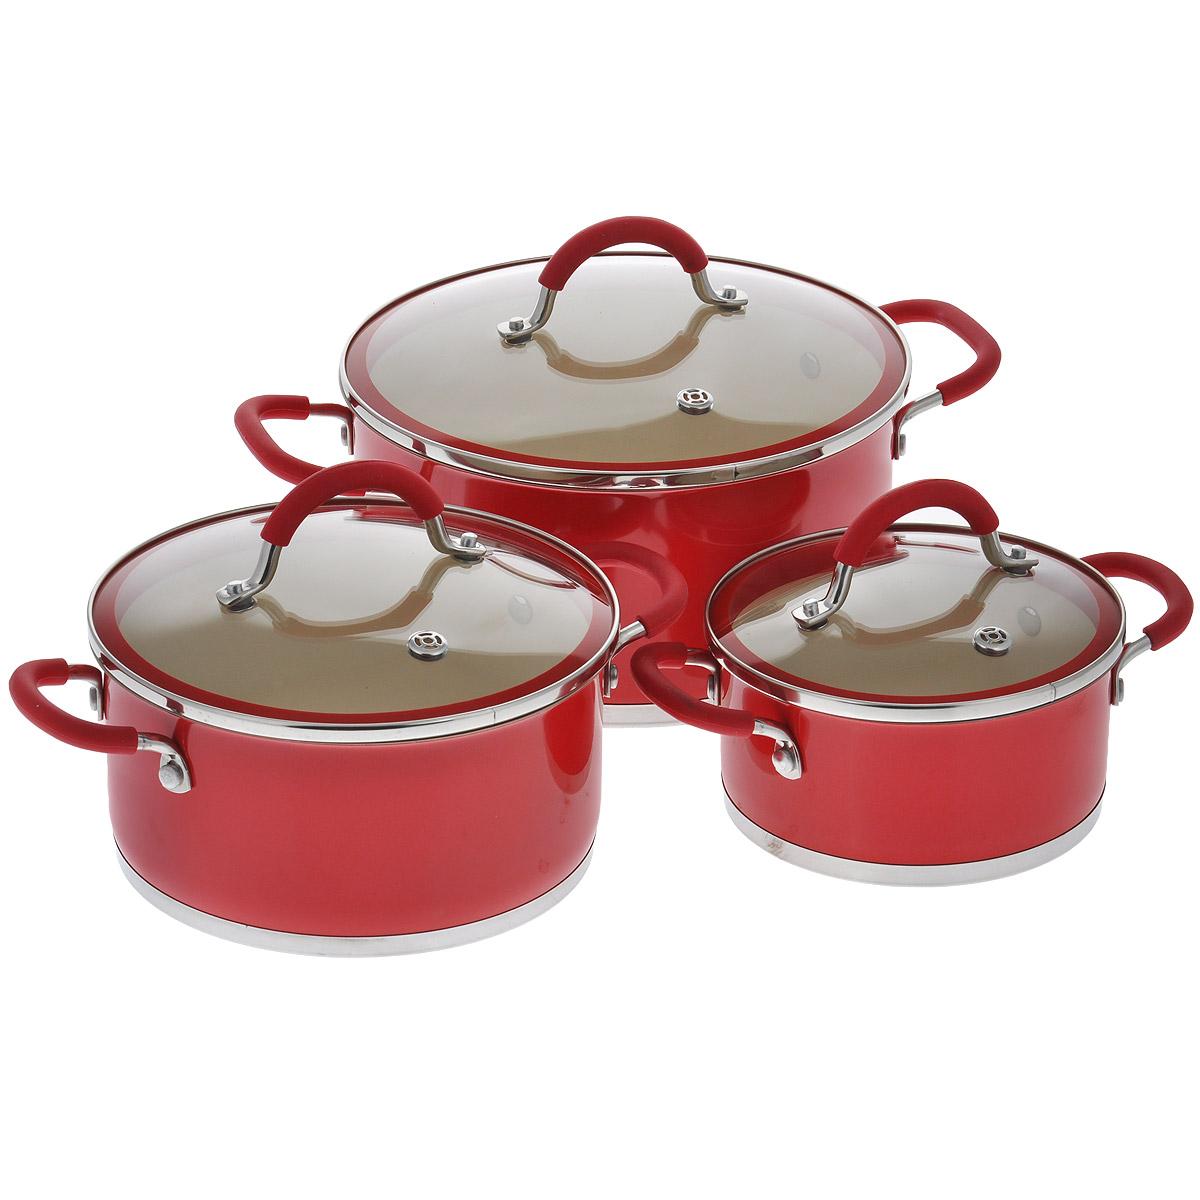 Набор посуды Winner, с керамическим покрытием, цвет: красный, 6 предметов. WR-1109WR-1109В набор посуды Winner входят 3 кастрюли с крышками. Предметы набора выполнены извысококачественной нержавеющей стали 18/10 с антипригарным керамическим нанопокрытием Creblon.Посуда с нанопокрытием обладает высокой прочностью, жаро-, износо-, коррозийной стойкостью, химической инертностью. При нагревании до высоких температур не выделяет и не впитывает в себя вредных для человека химических соединений. Нанопокрытие гарантирует быстрый и равномерный нагрев посуды и существенную экономию электроэнергии. Данная технология позволяет исключить деформацию корпуса при частом и длительном использовании посуды.Посуда имеет внешнее цветное жаростойкое покрытие, что придает набору особо эстетичныйвнешний вид.Предметы набора оснащены двумя удобными ручками из нержавеющей стали с силиконовым покрытием. Крышки, выполненные из термостойкого стекла с силиконовым ободком и пароотводом, позволят вам следить за процессом приготовления пищи. Крышки плотно прилегают к краям посуды, предотвращая проливание жидкости и сохраняя аромат блюд.Подходит для газовых, электрических, стеклокерамических и индукционных плит. Рекомендована ручная чистка.Набор посуды Winner - идеальный подарок для современных хозяек, которые следят за своим здоровьем и здоровьем своей семьи. Эргономичный дизайн и функциональность набора позволят вам наслаждаться процессом приготовления любимых, полезных для здоровья блюд. Объем кастрюль: 1,5 л; 3 л; 5 л.Внешний диаметр: 17 см; 21,2 см; 25,3 см.Внутренний диаметр: 16 см; 20 см; 24 см.Ширина кастрюль с учетом ручек: 24 см; 28,5 см; 35 см. Диаметр крышек: 17 см; 21 см; 25 см. Высота стенок: 8 см; 10 см; 12 см. Толщина стенки: 0,7 мм. Толщина дна: 3 мм. Диаметр дна: 15,7 см; 19,5 см; 23,5 см.